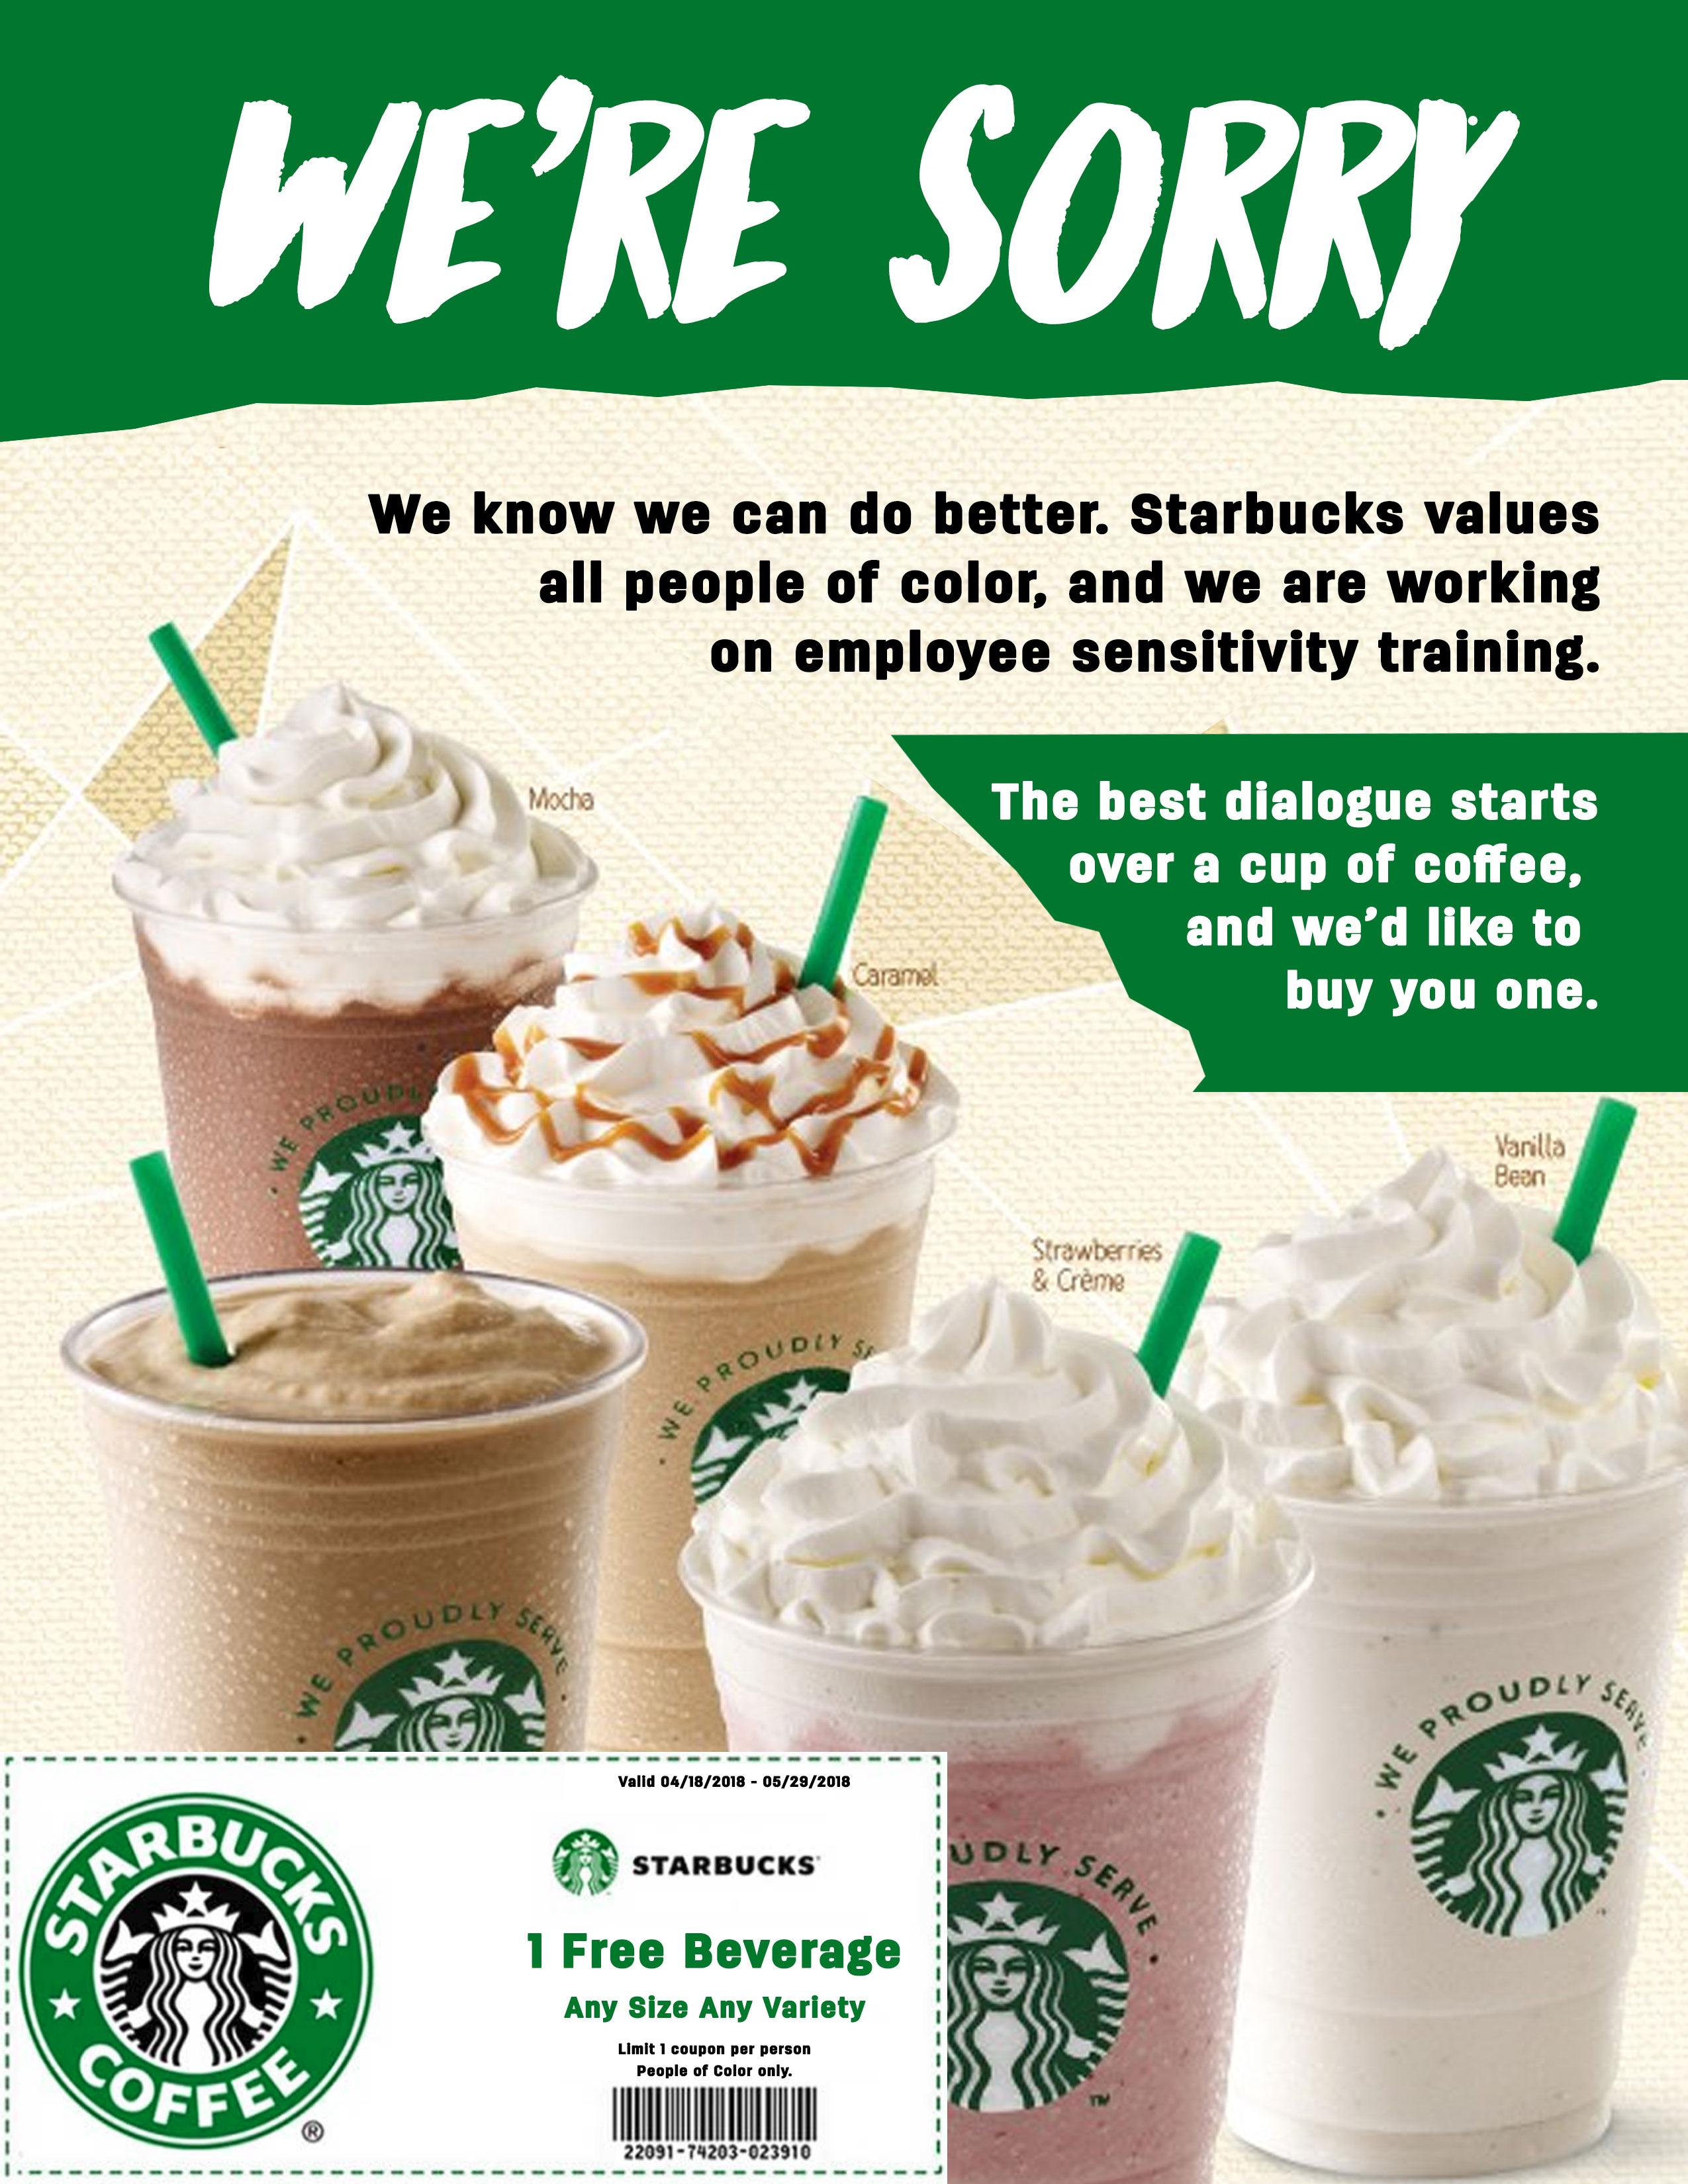 Starbucks Coffee Coupon - Coffee Drinker - Free Starbucks Coupon Printable